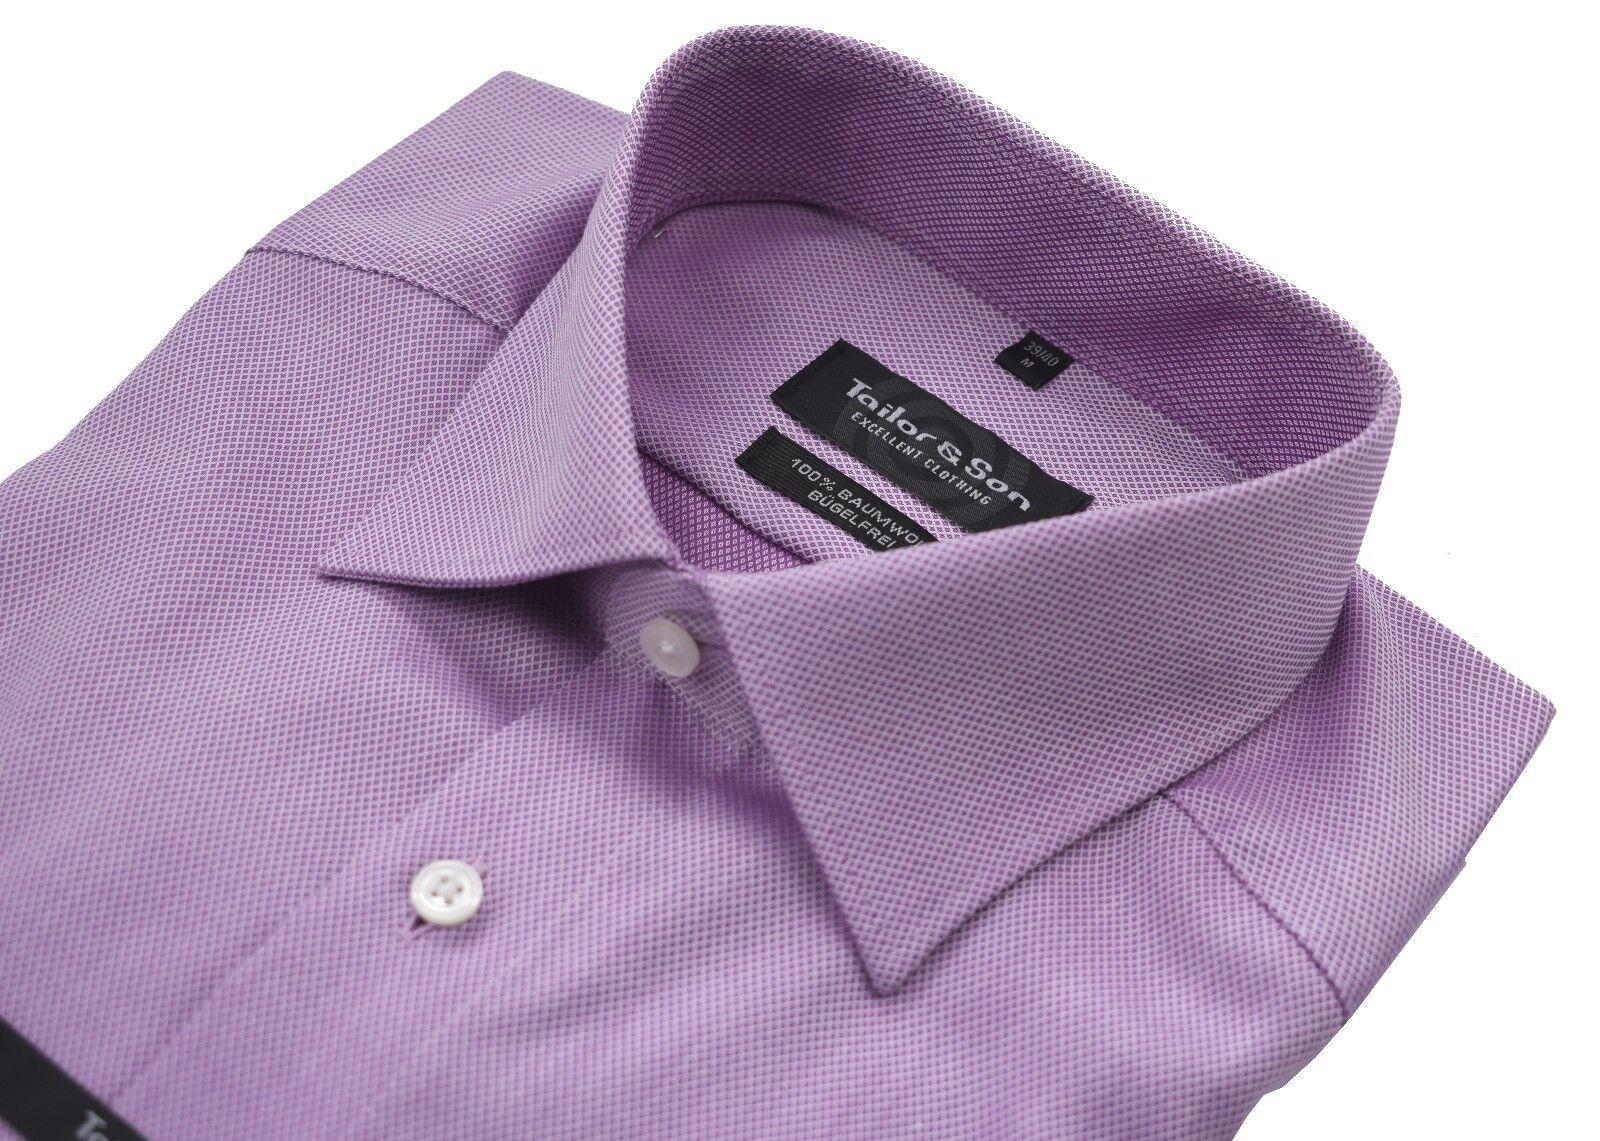 Tailor & Son Herren Hemd Flieder M 39 40 L 41 42  Bügelfrei Modern Fit  | Großer Verkauf  | Jeder beschriebene Artikel ist verfügbar  | Das hochwertigste Material